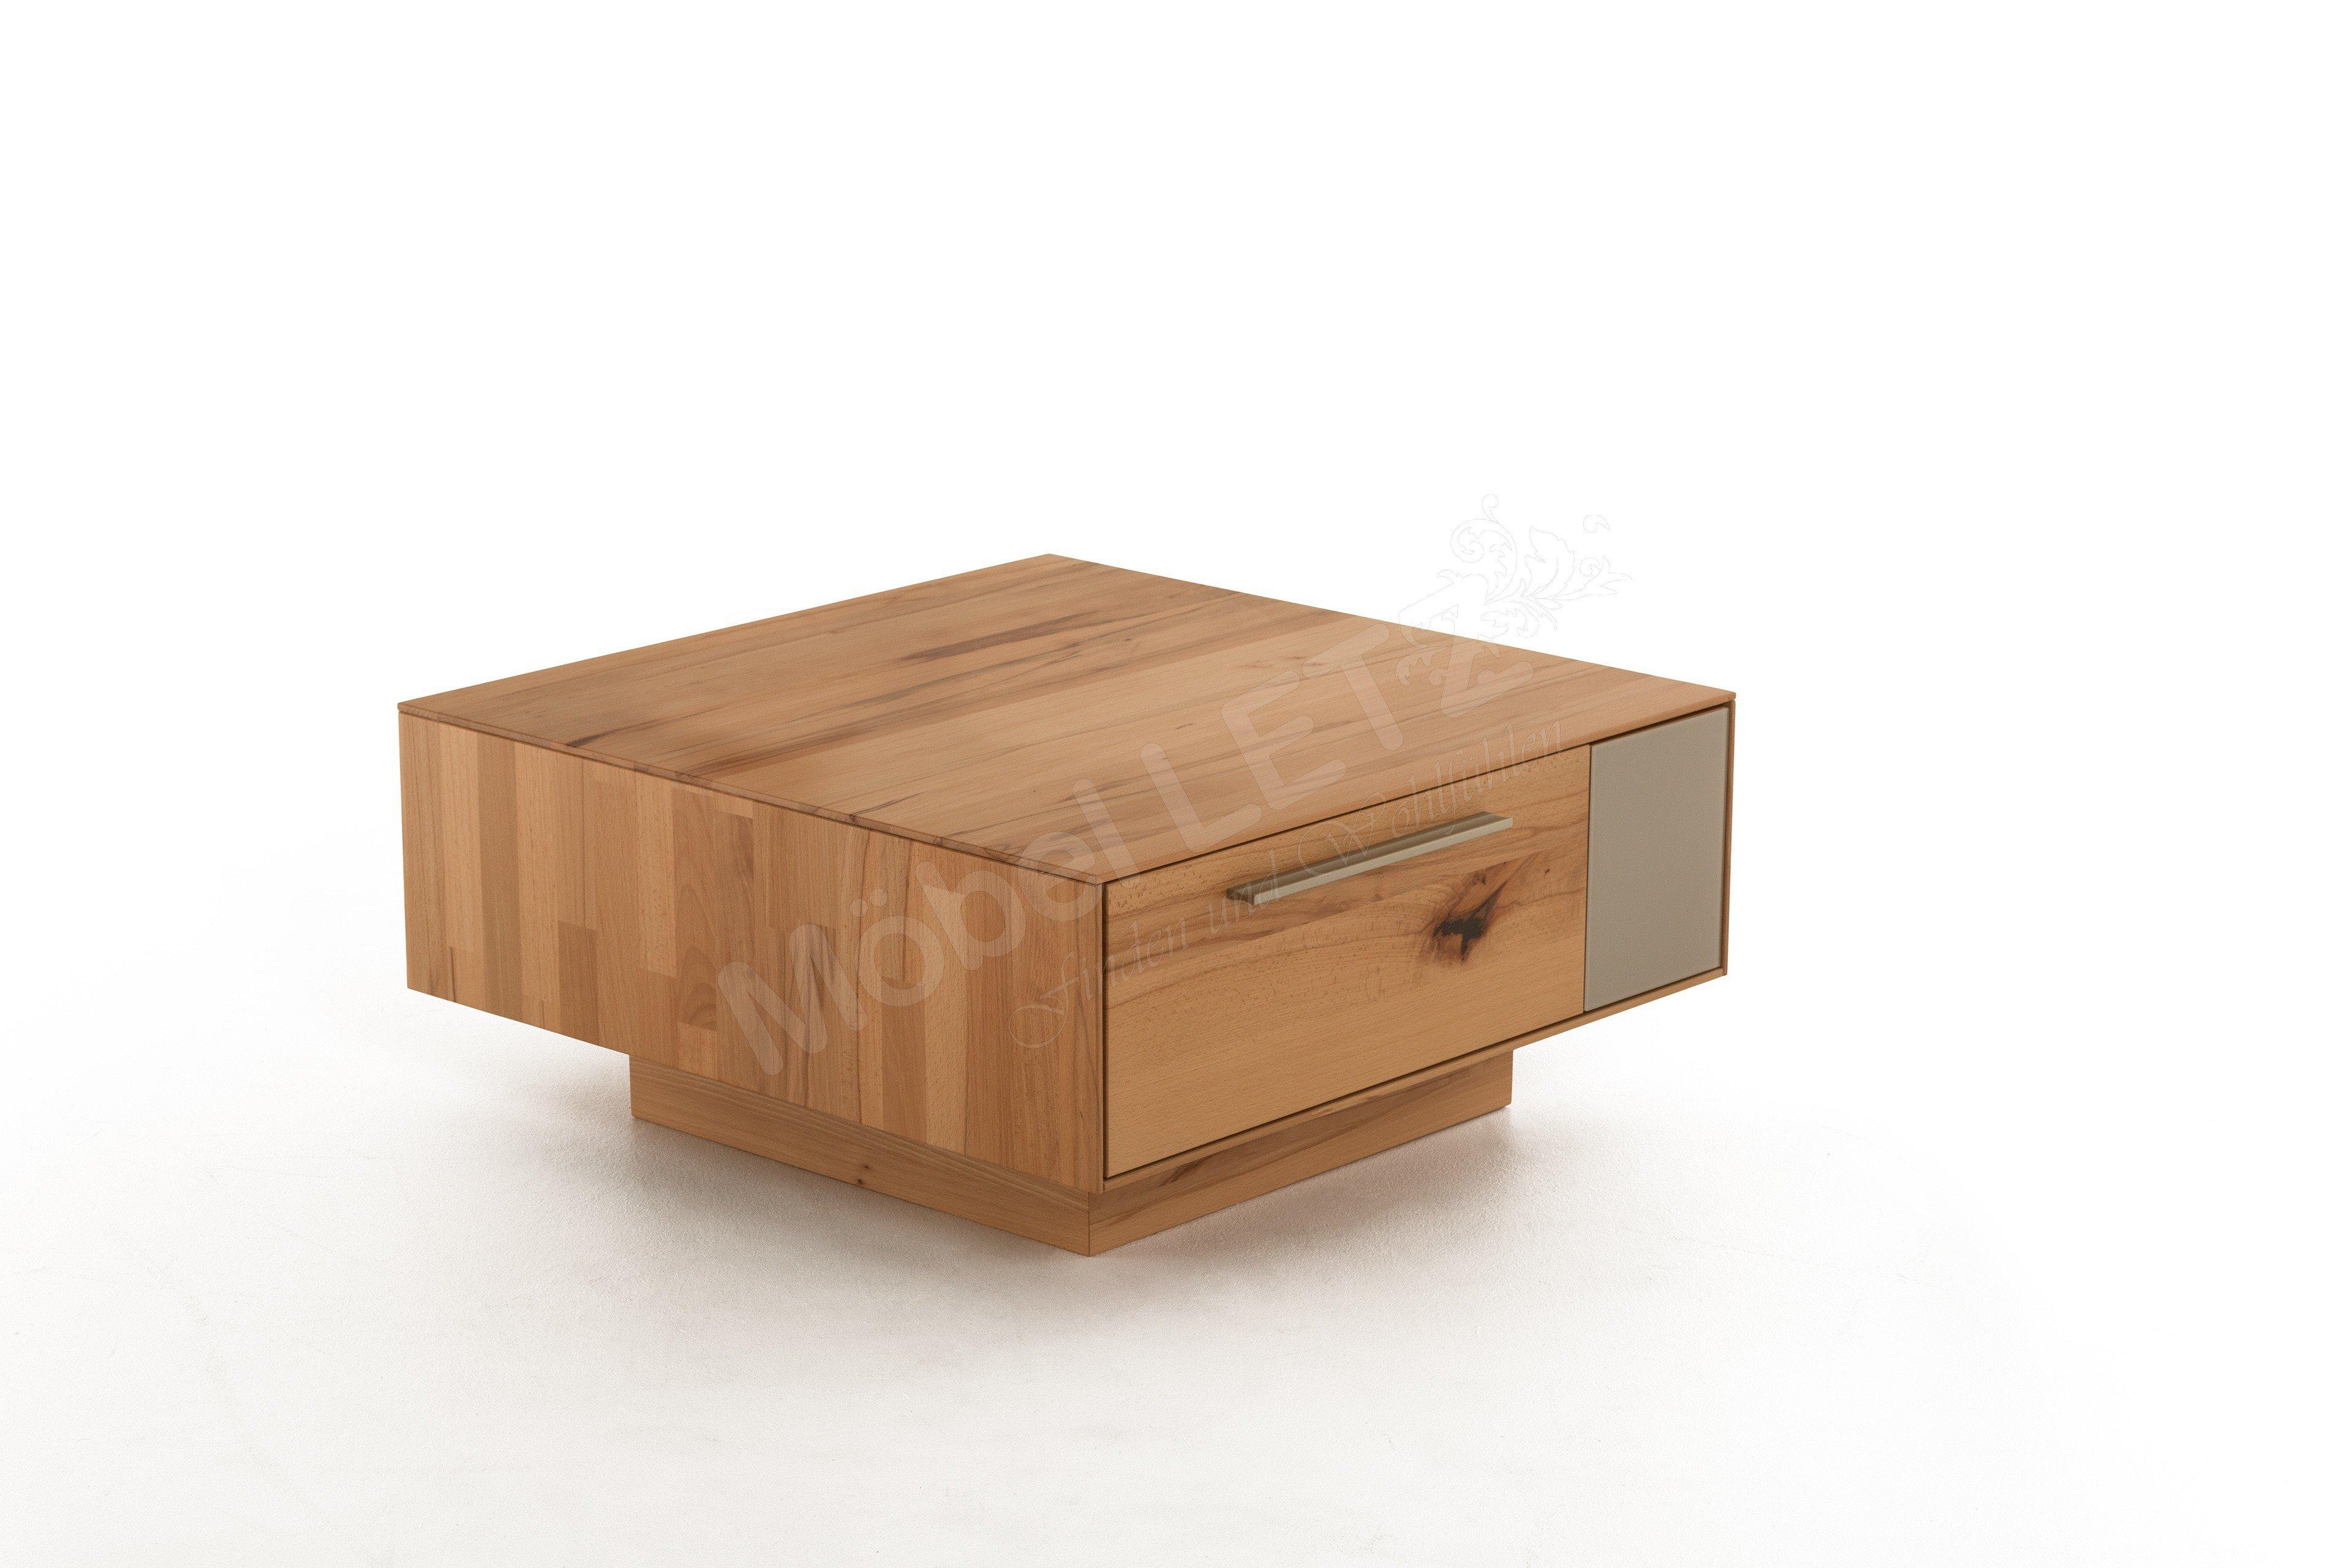 w stmann couchtisch calleo astkernbuche mattglas schlamm m bel letz ihr online shop. Black Bedroom Furniture Sets. Home Design Ideas